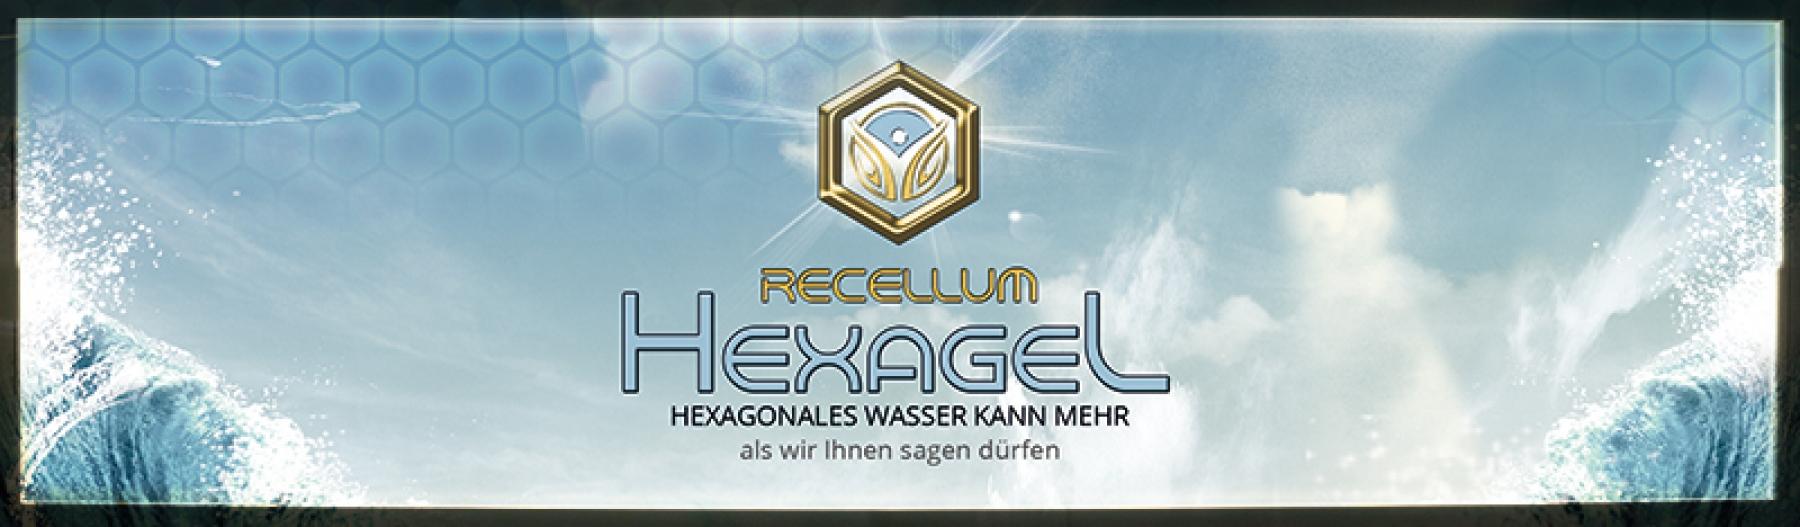 Hexagonales Wasser kann mehr...